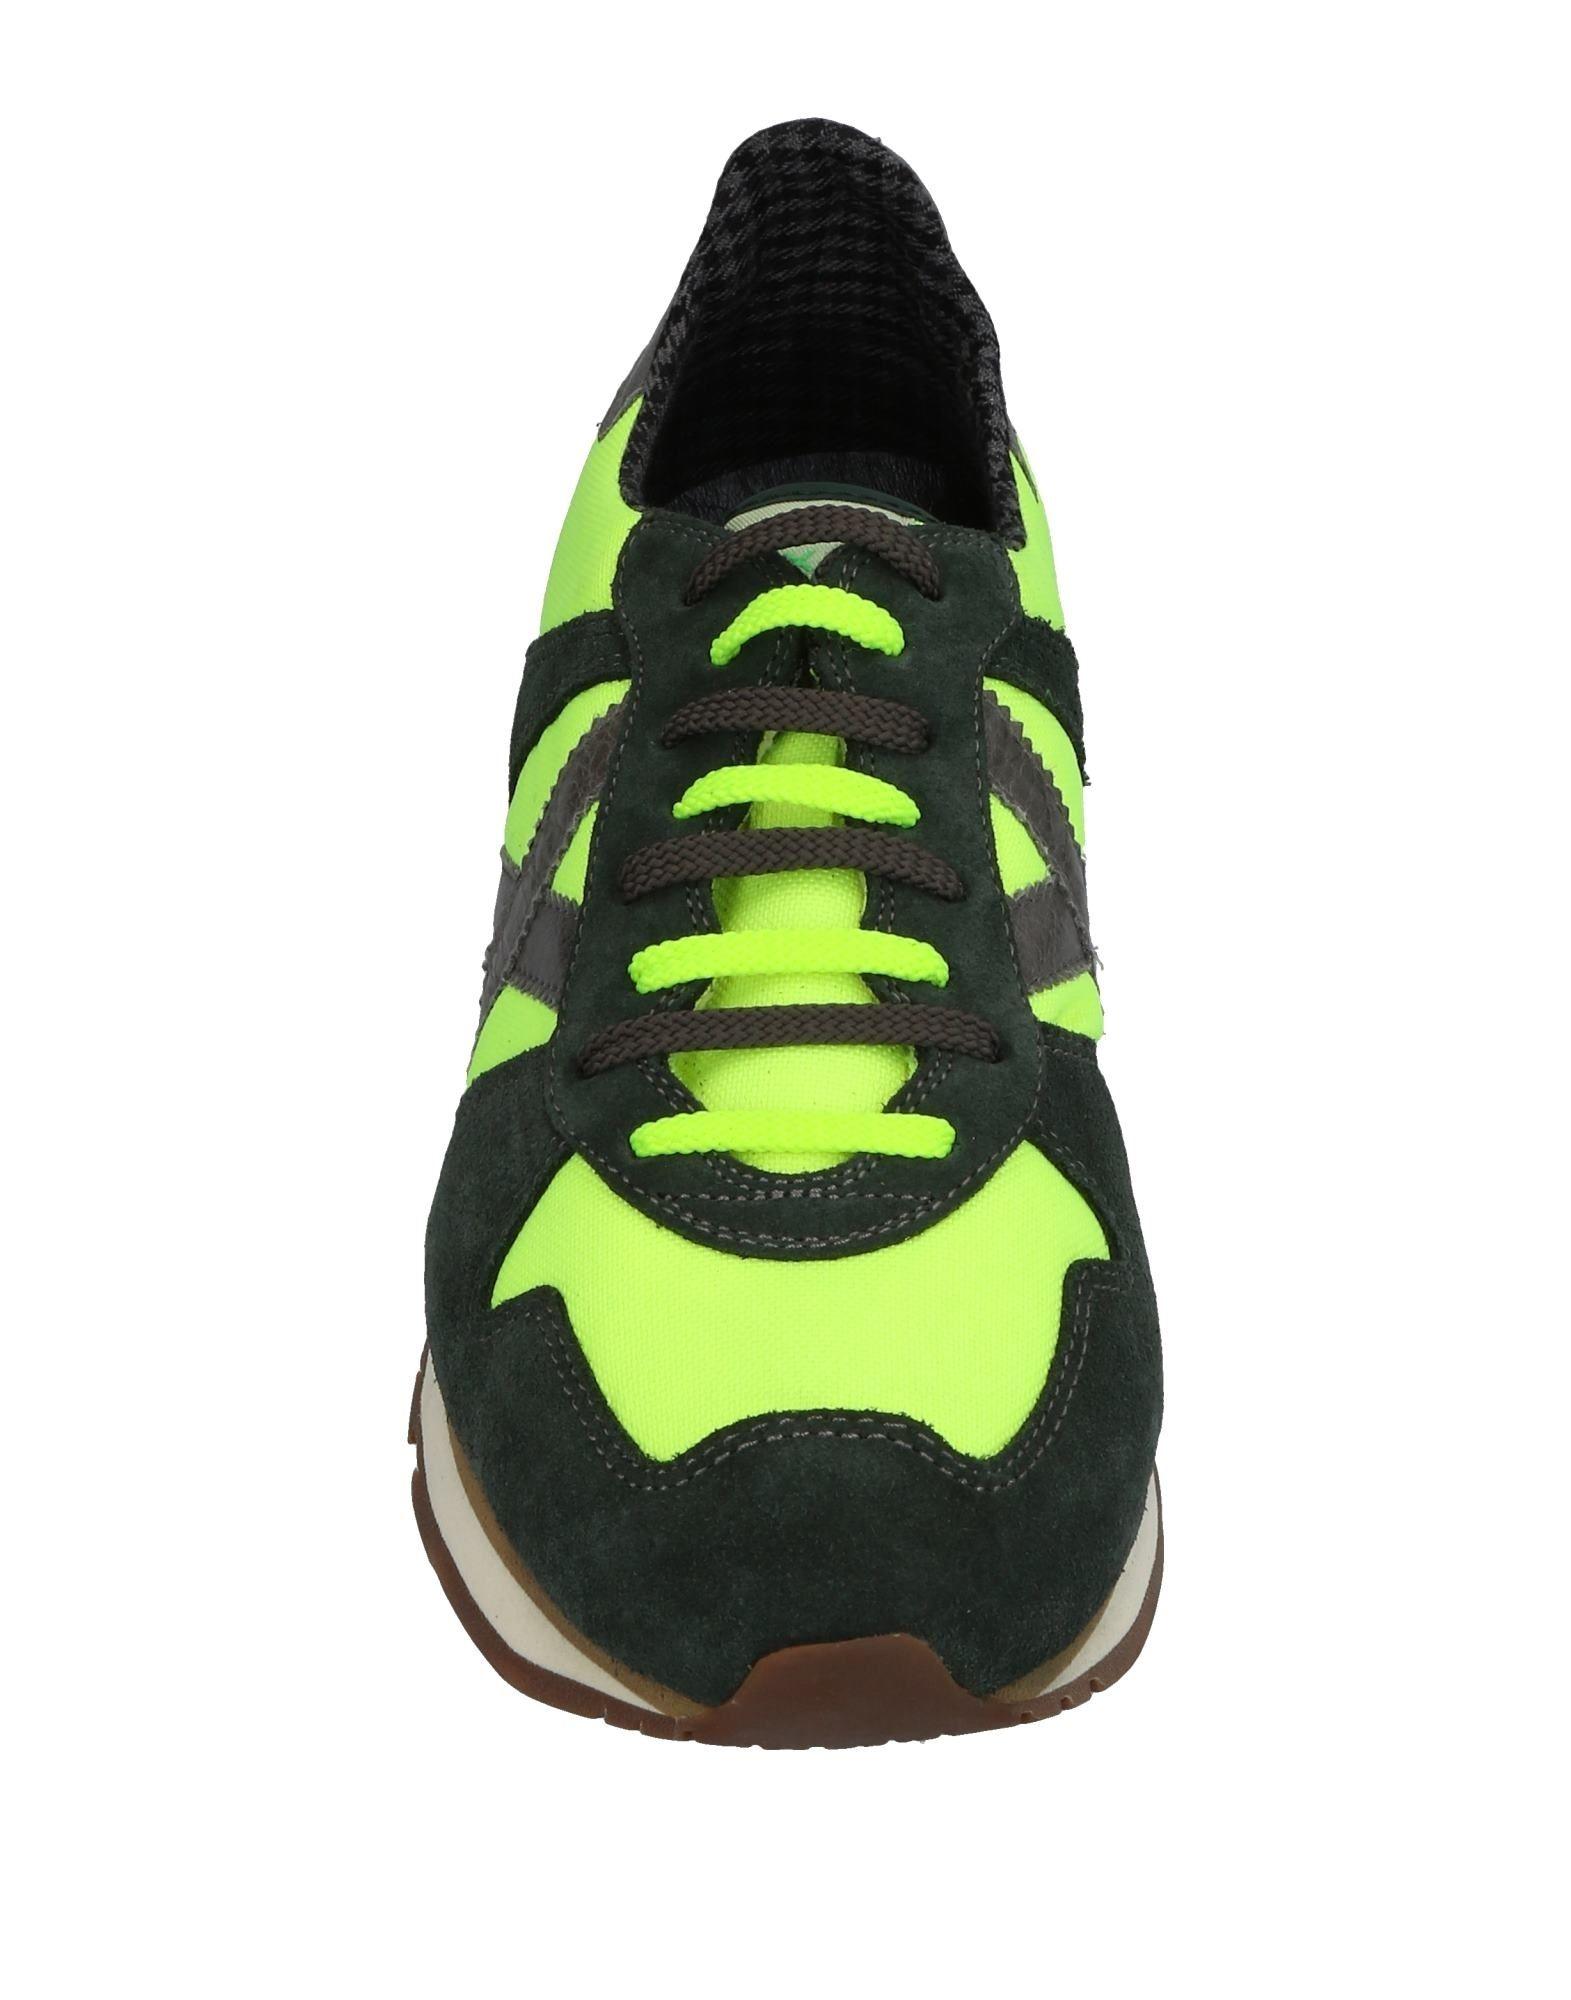 Rabatt echte Sneakers Schuhe Munich Sneakers echte Herren  11446958VH c3cdc8